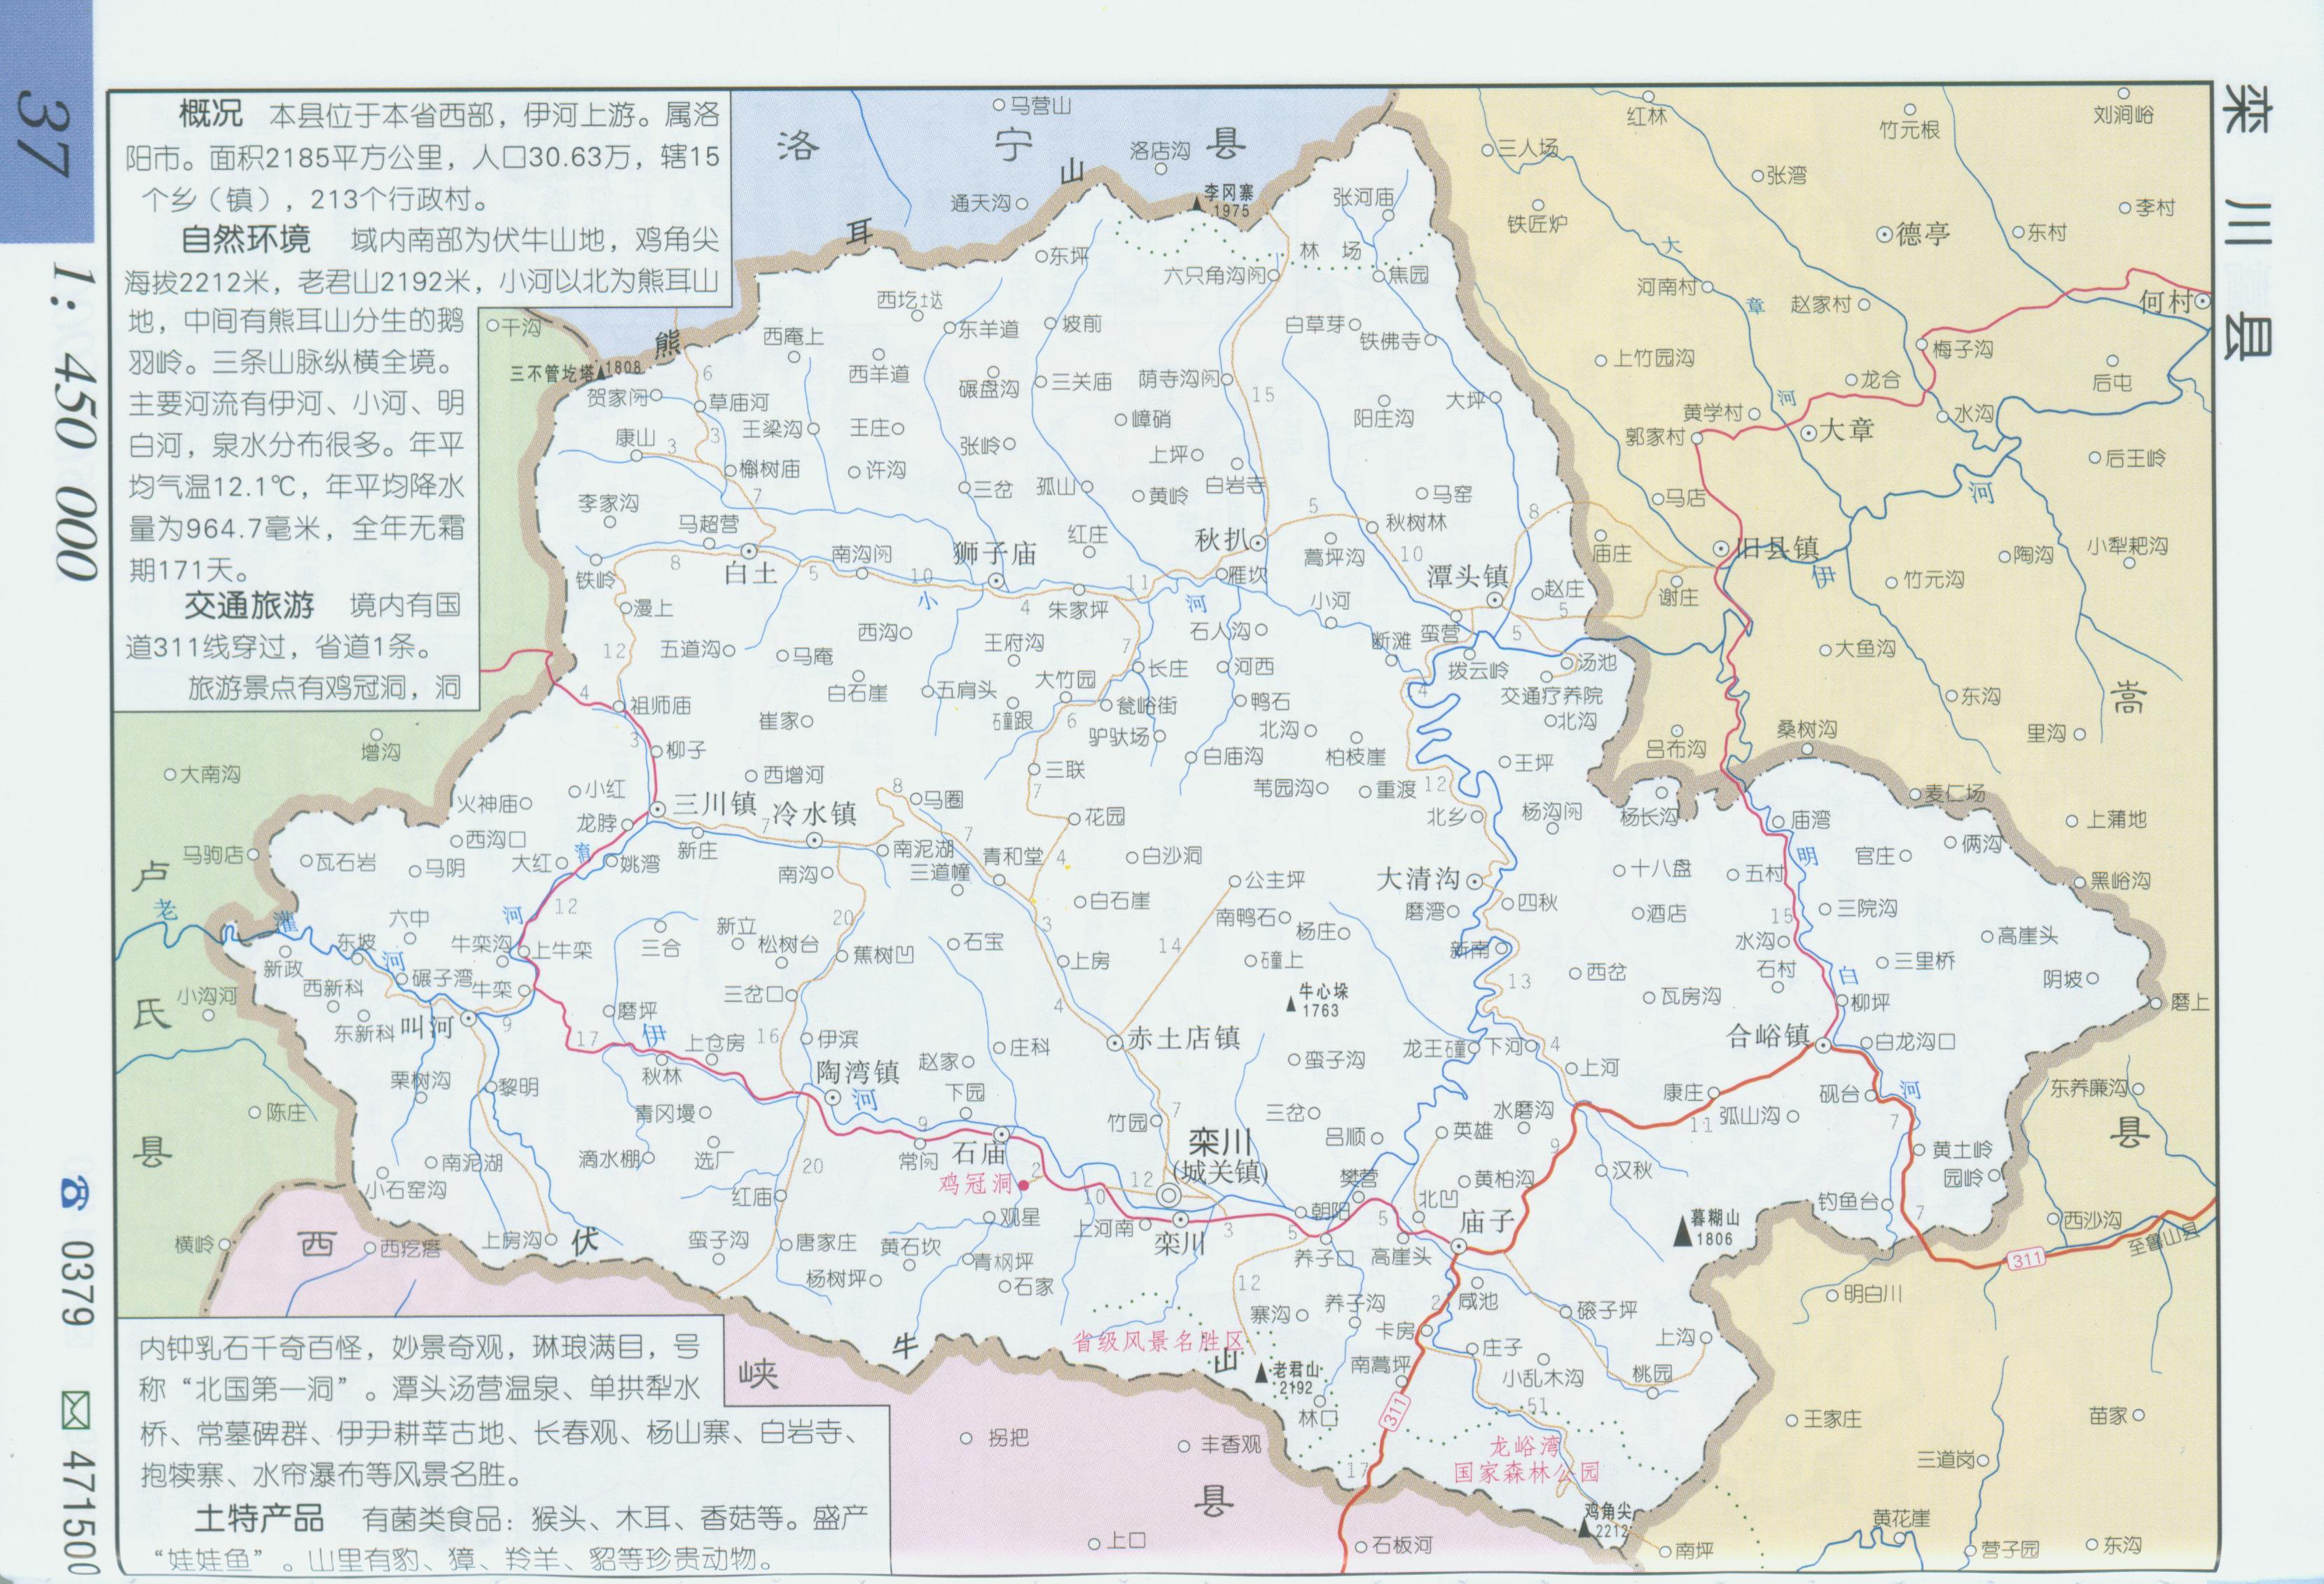 栾川县地图